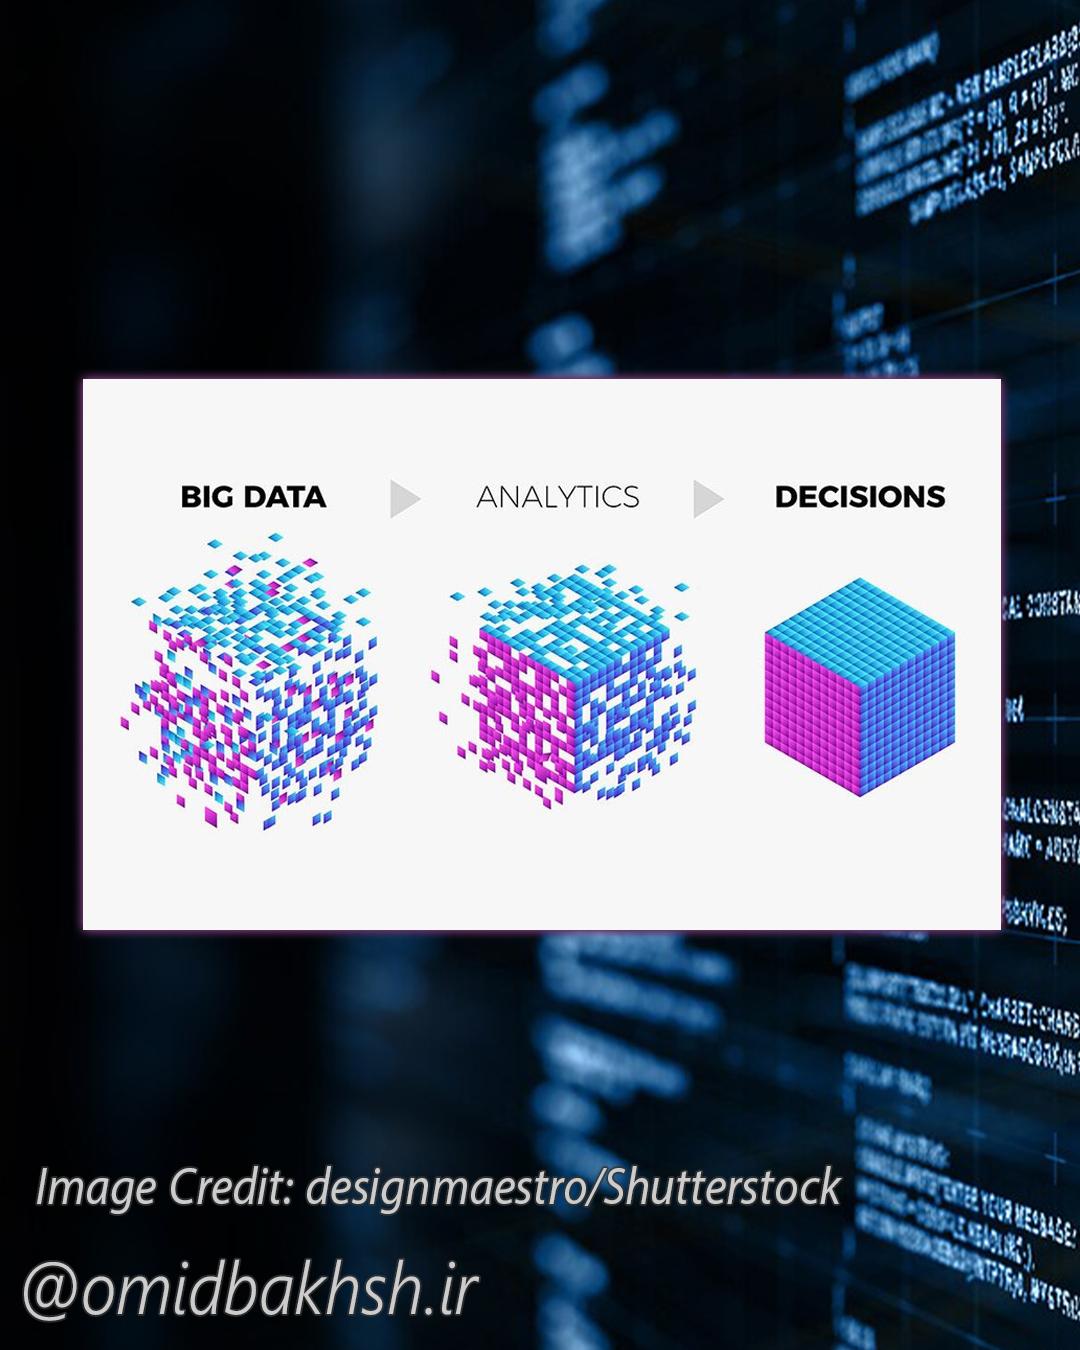 ابرداده Big Data